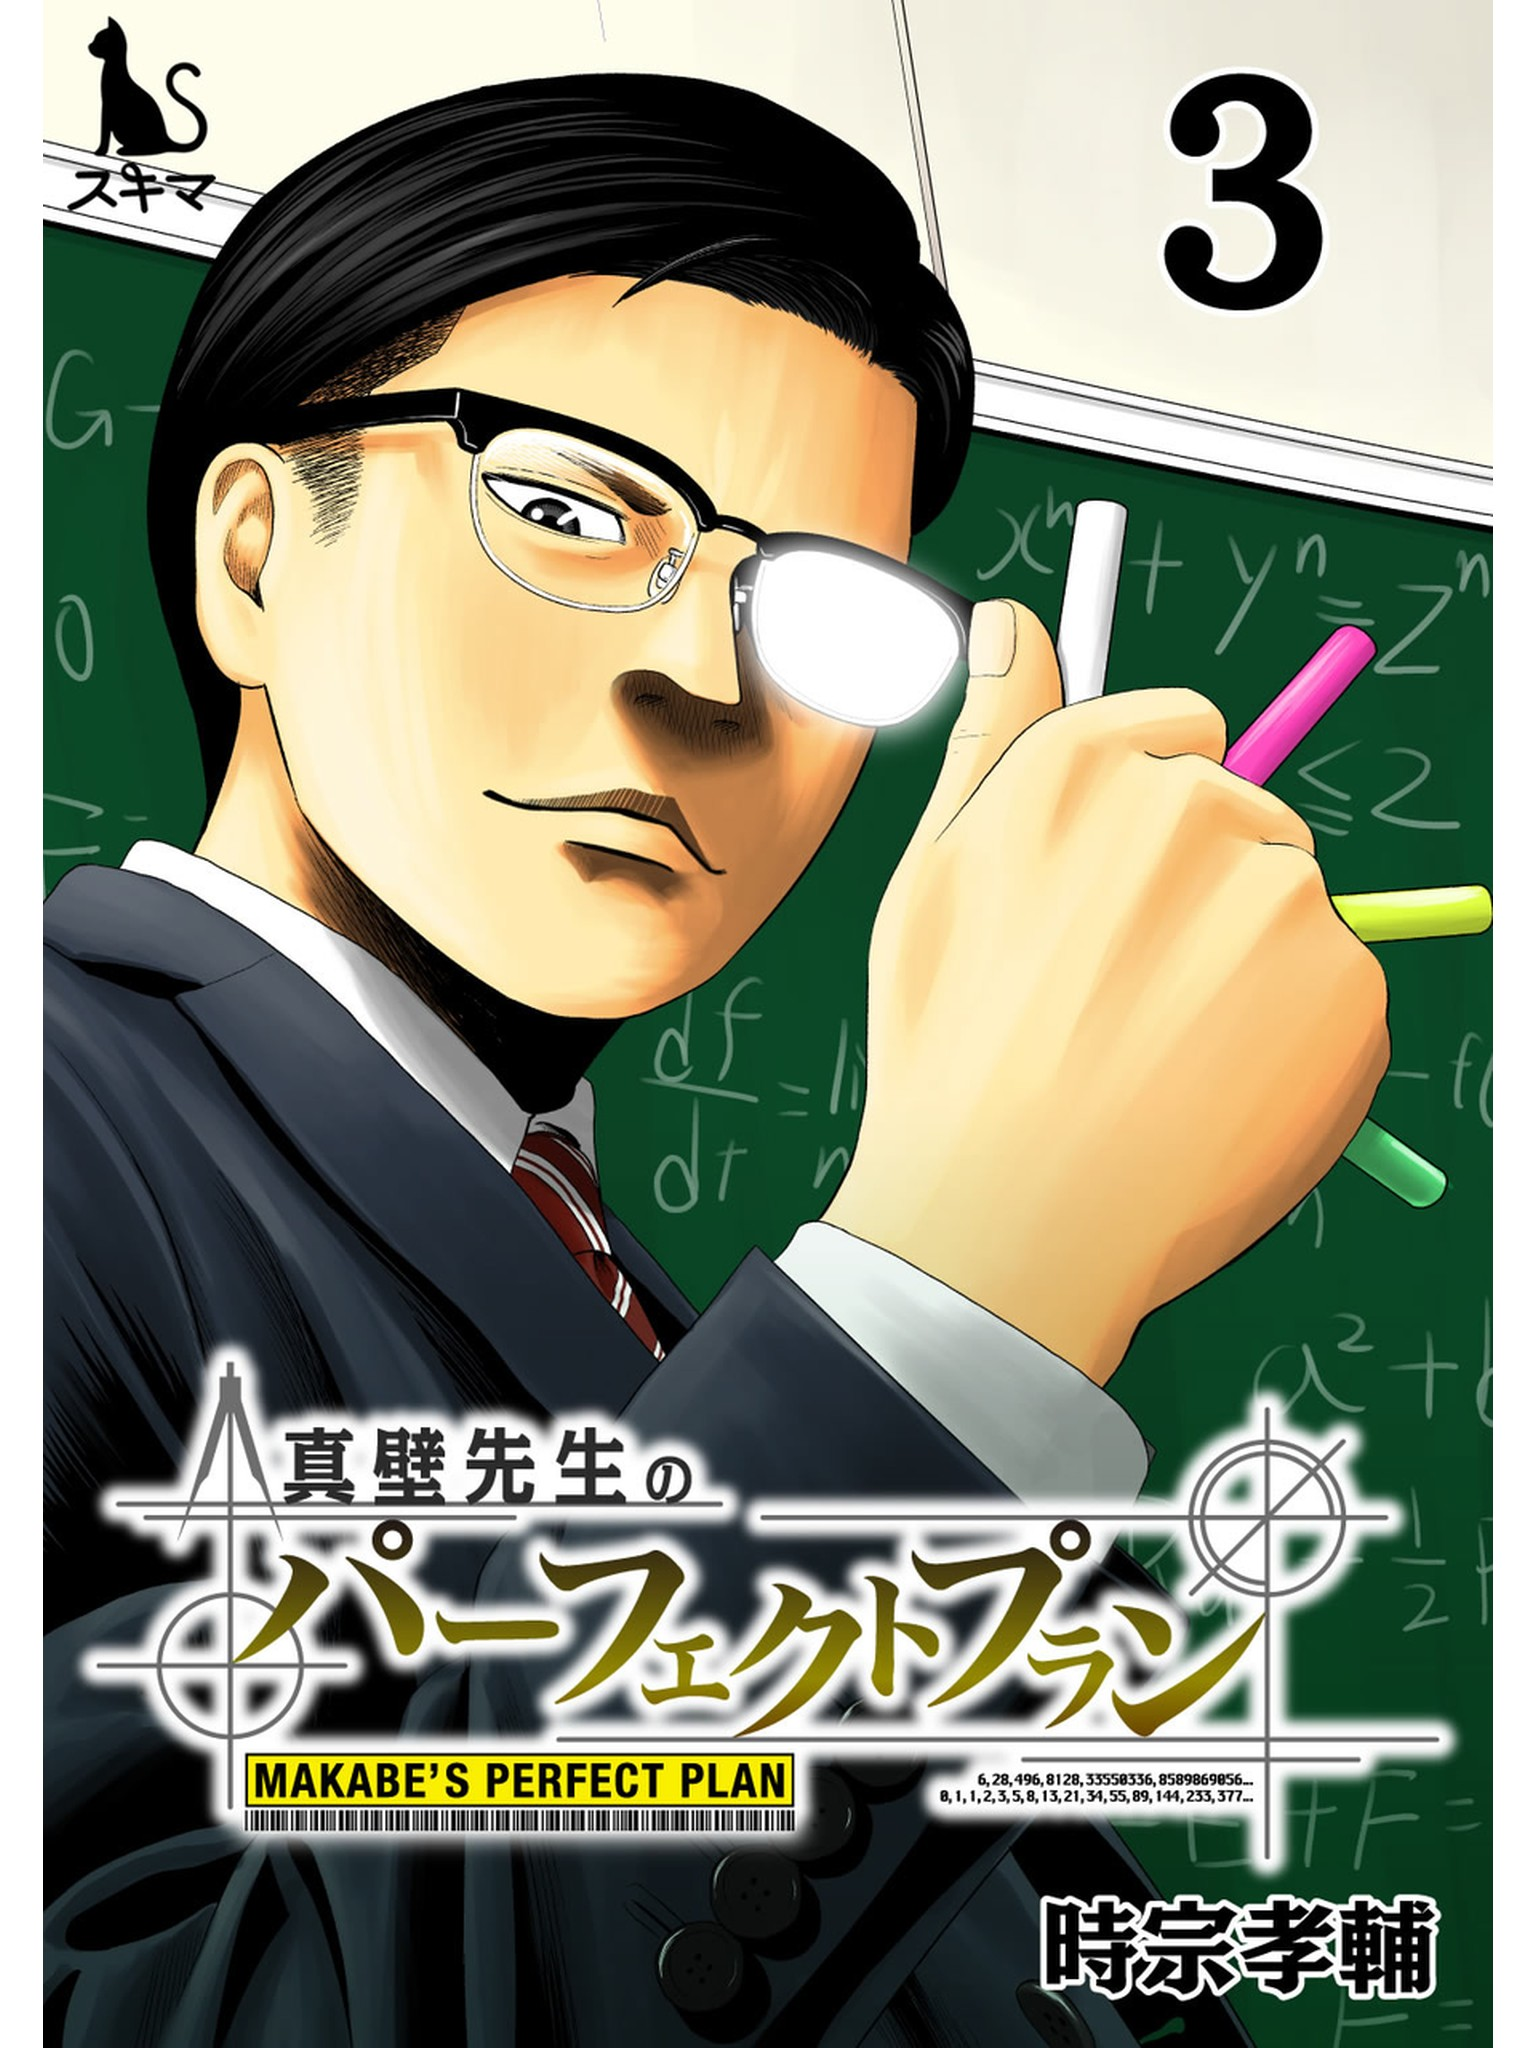 『真壁先生のパーフェクトプラン【単行本版】3』の漫画をお得に読む方法!